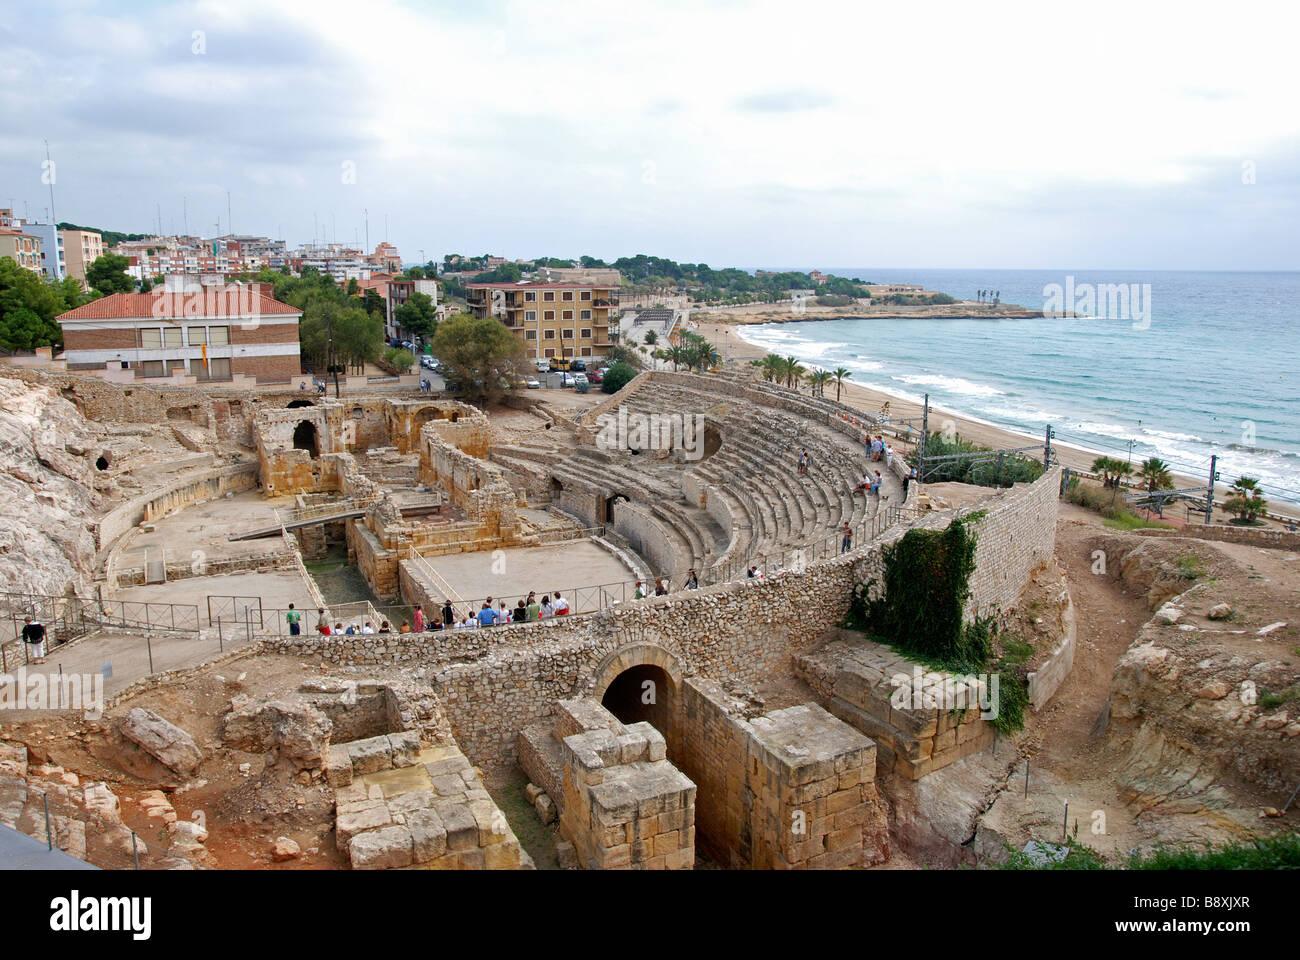 Las ruinas de un anfiteatro romano de Tarragona, en Cataluña, España Imagen De Stock